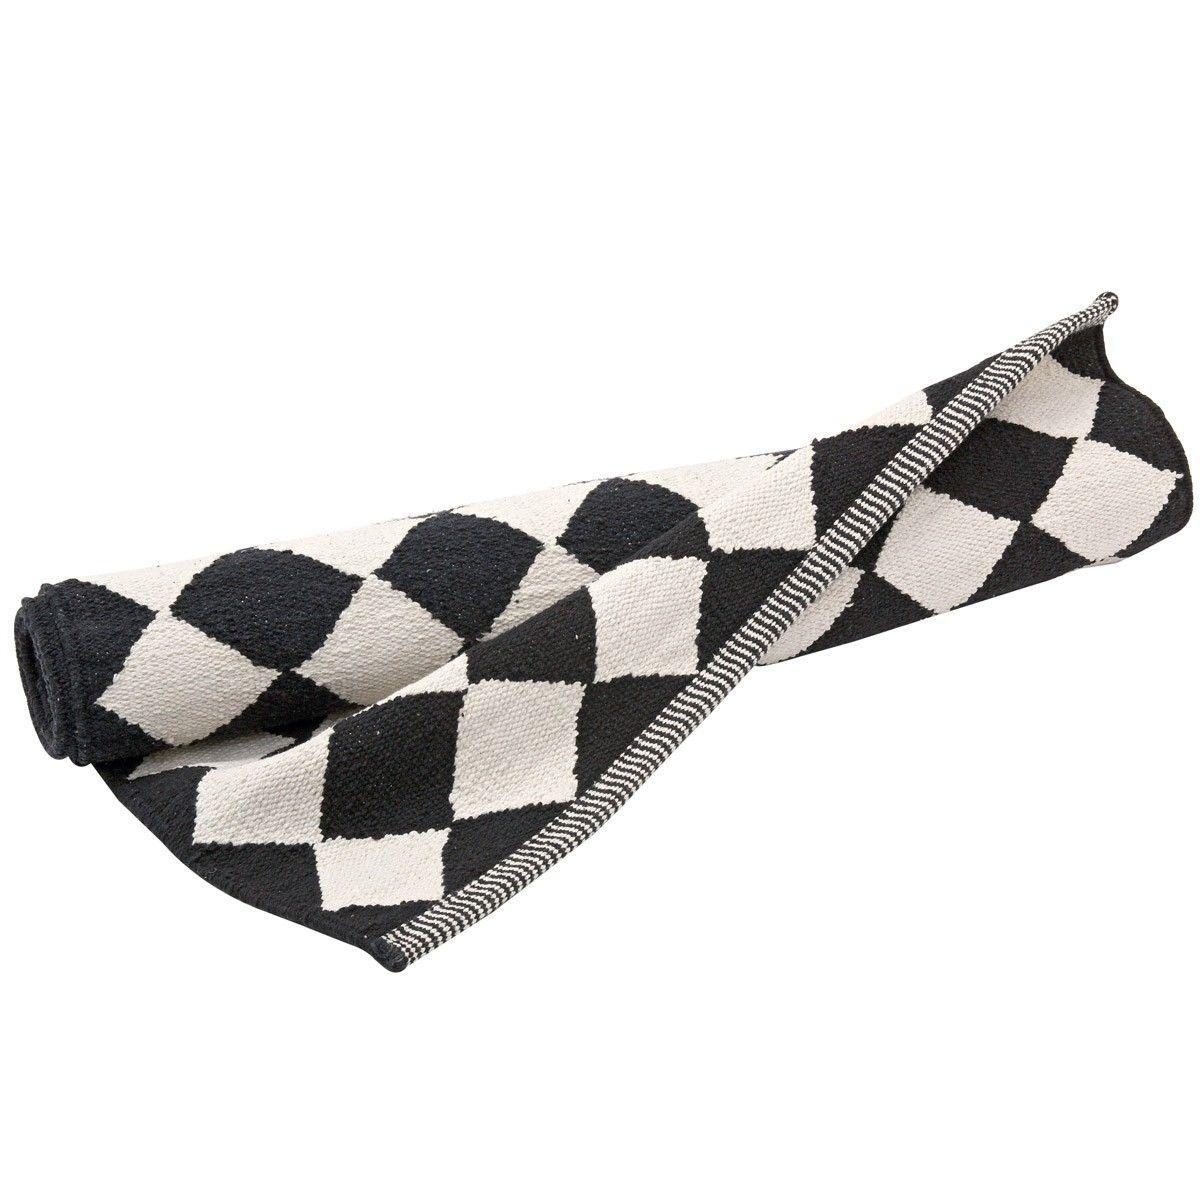 Teppich läufer schwarz weiß  Teppichläufer Diamond (Schwarz/Weiß) | Läufer, Schwarz weiß und ...